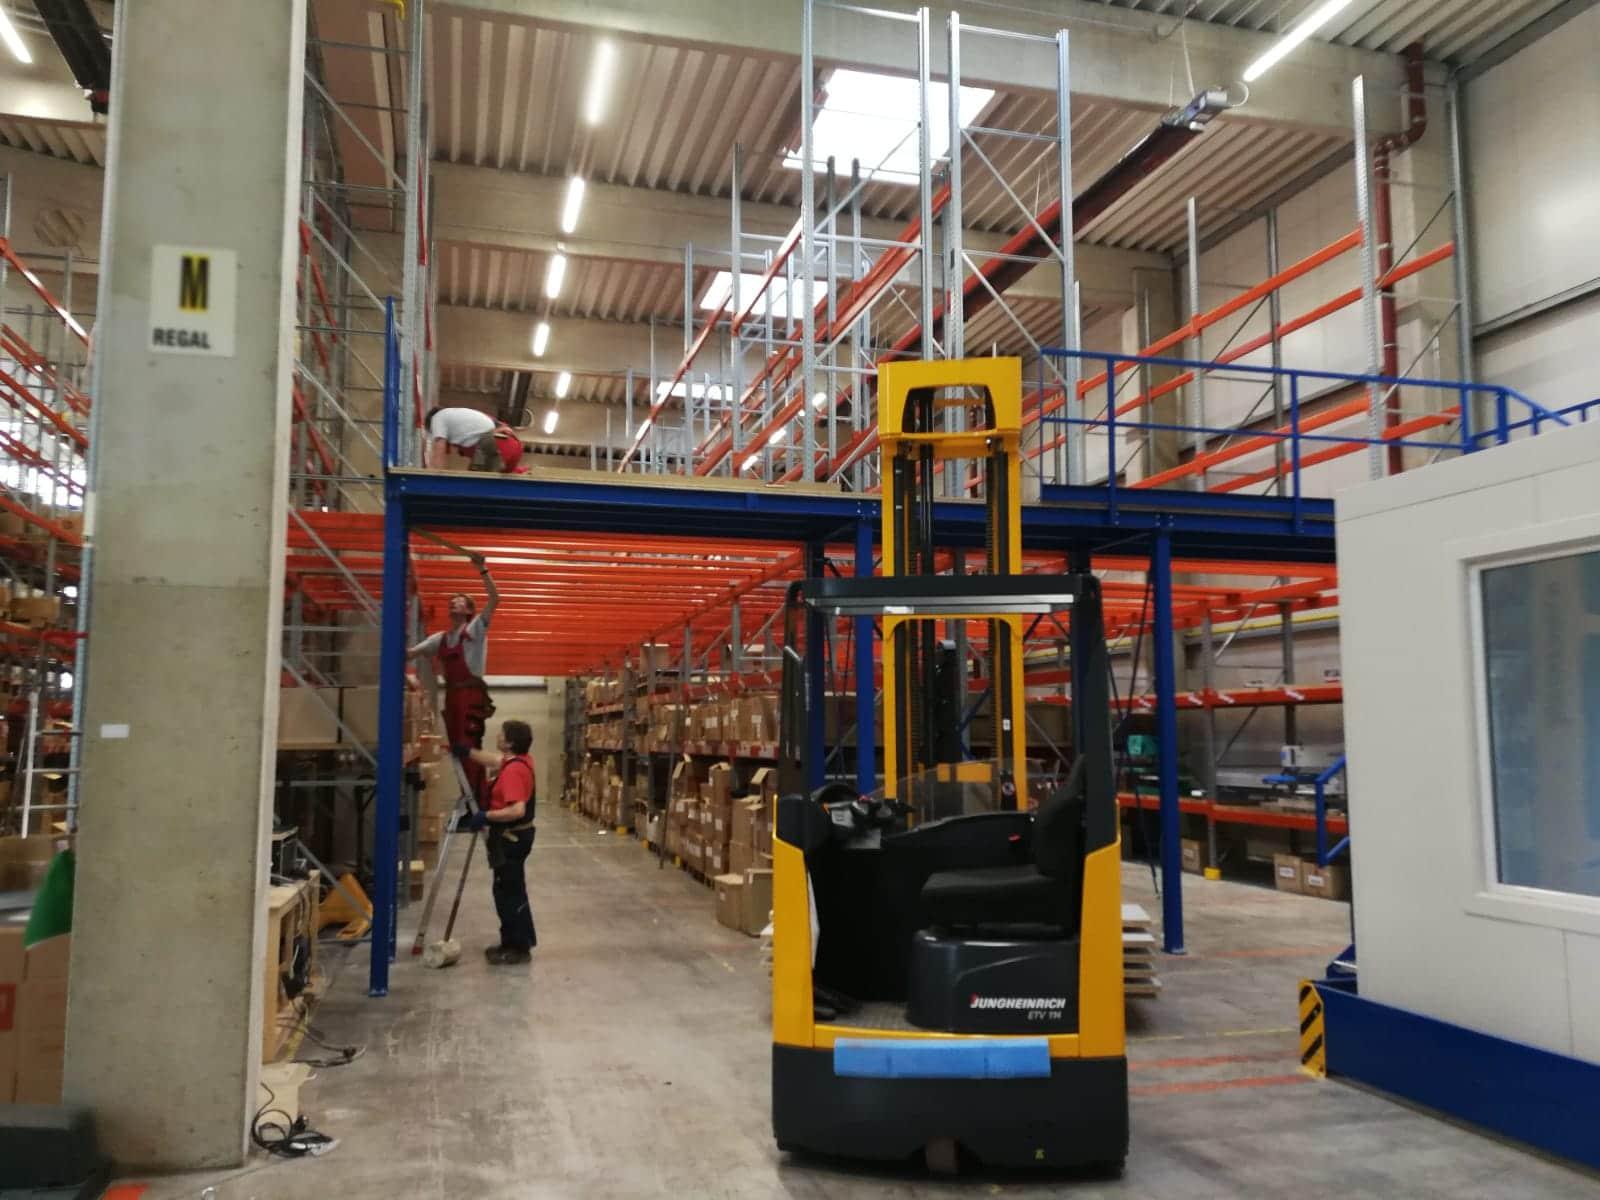 Das Logistikcenter wird erweitert - Litz Logistikcenter 2.Kommissionierebene